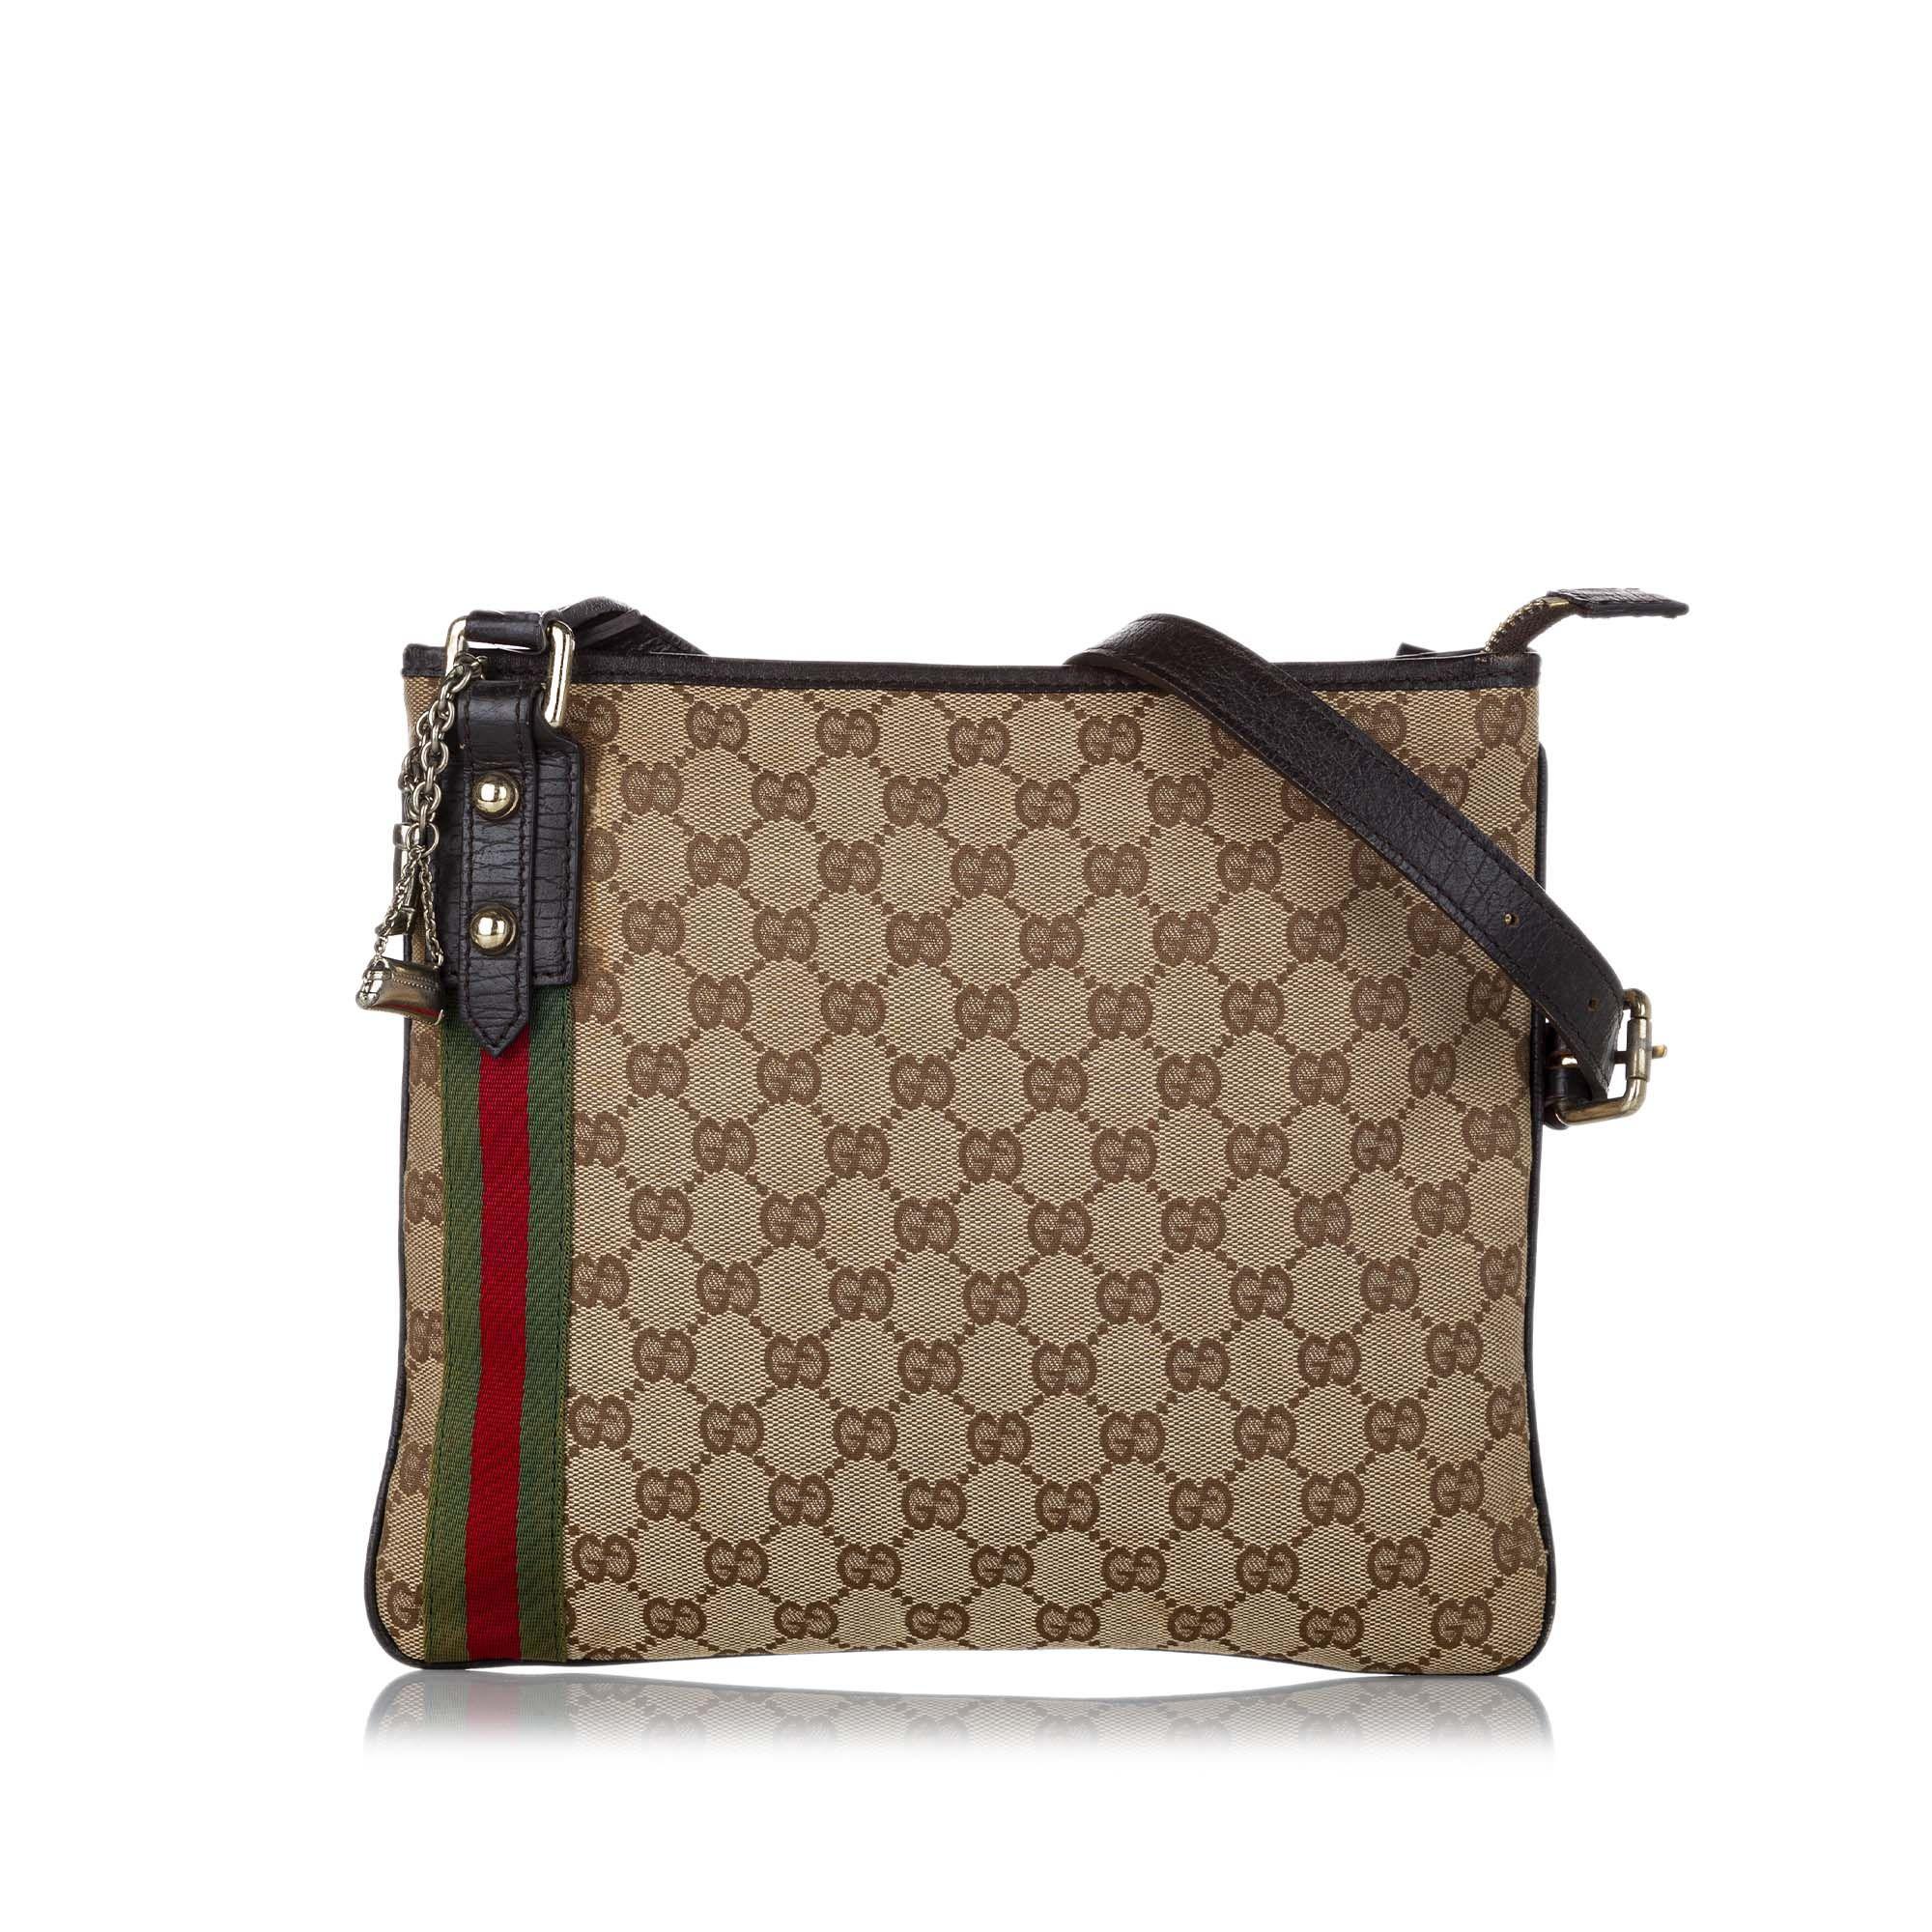 Vintage Gucci GG Canvas Jolicoeur Crossbody Bag Brown